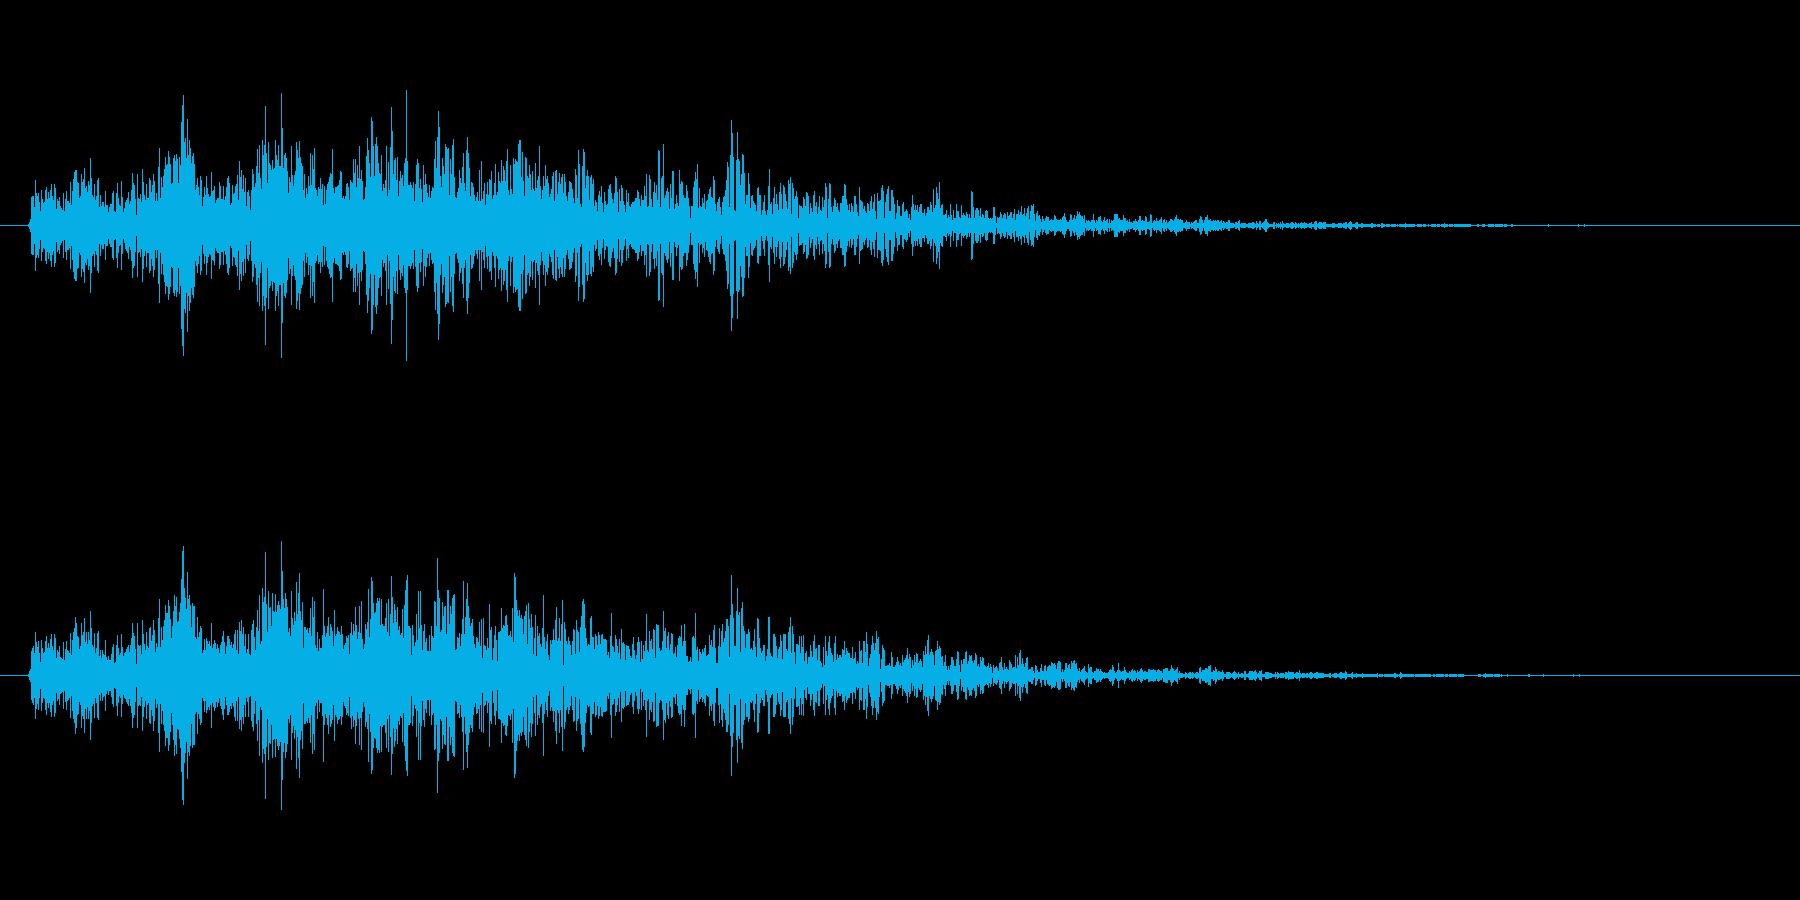 モンスター・海洋生物の触手/引き上げるの再生済みの波形